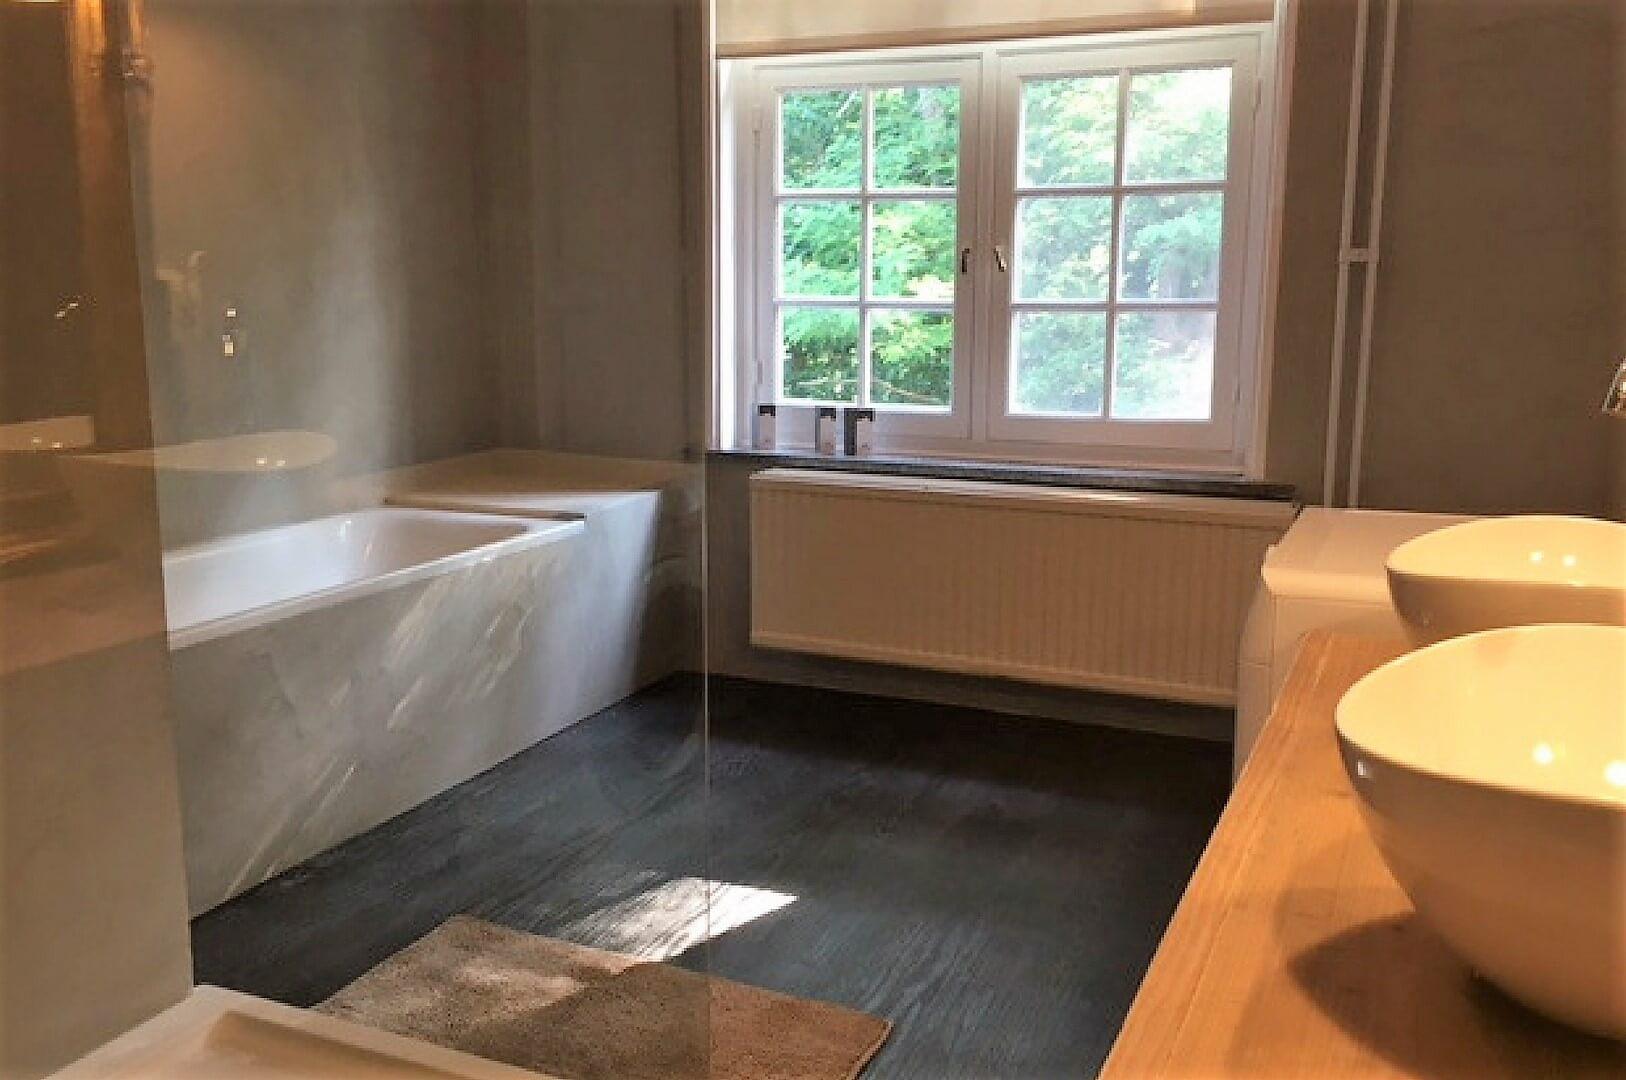 Badkamers Noord Brabant : Ferienhaus de pastorie i ein geräumiges ferienhaus für 12 personen